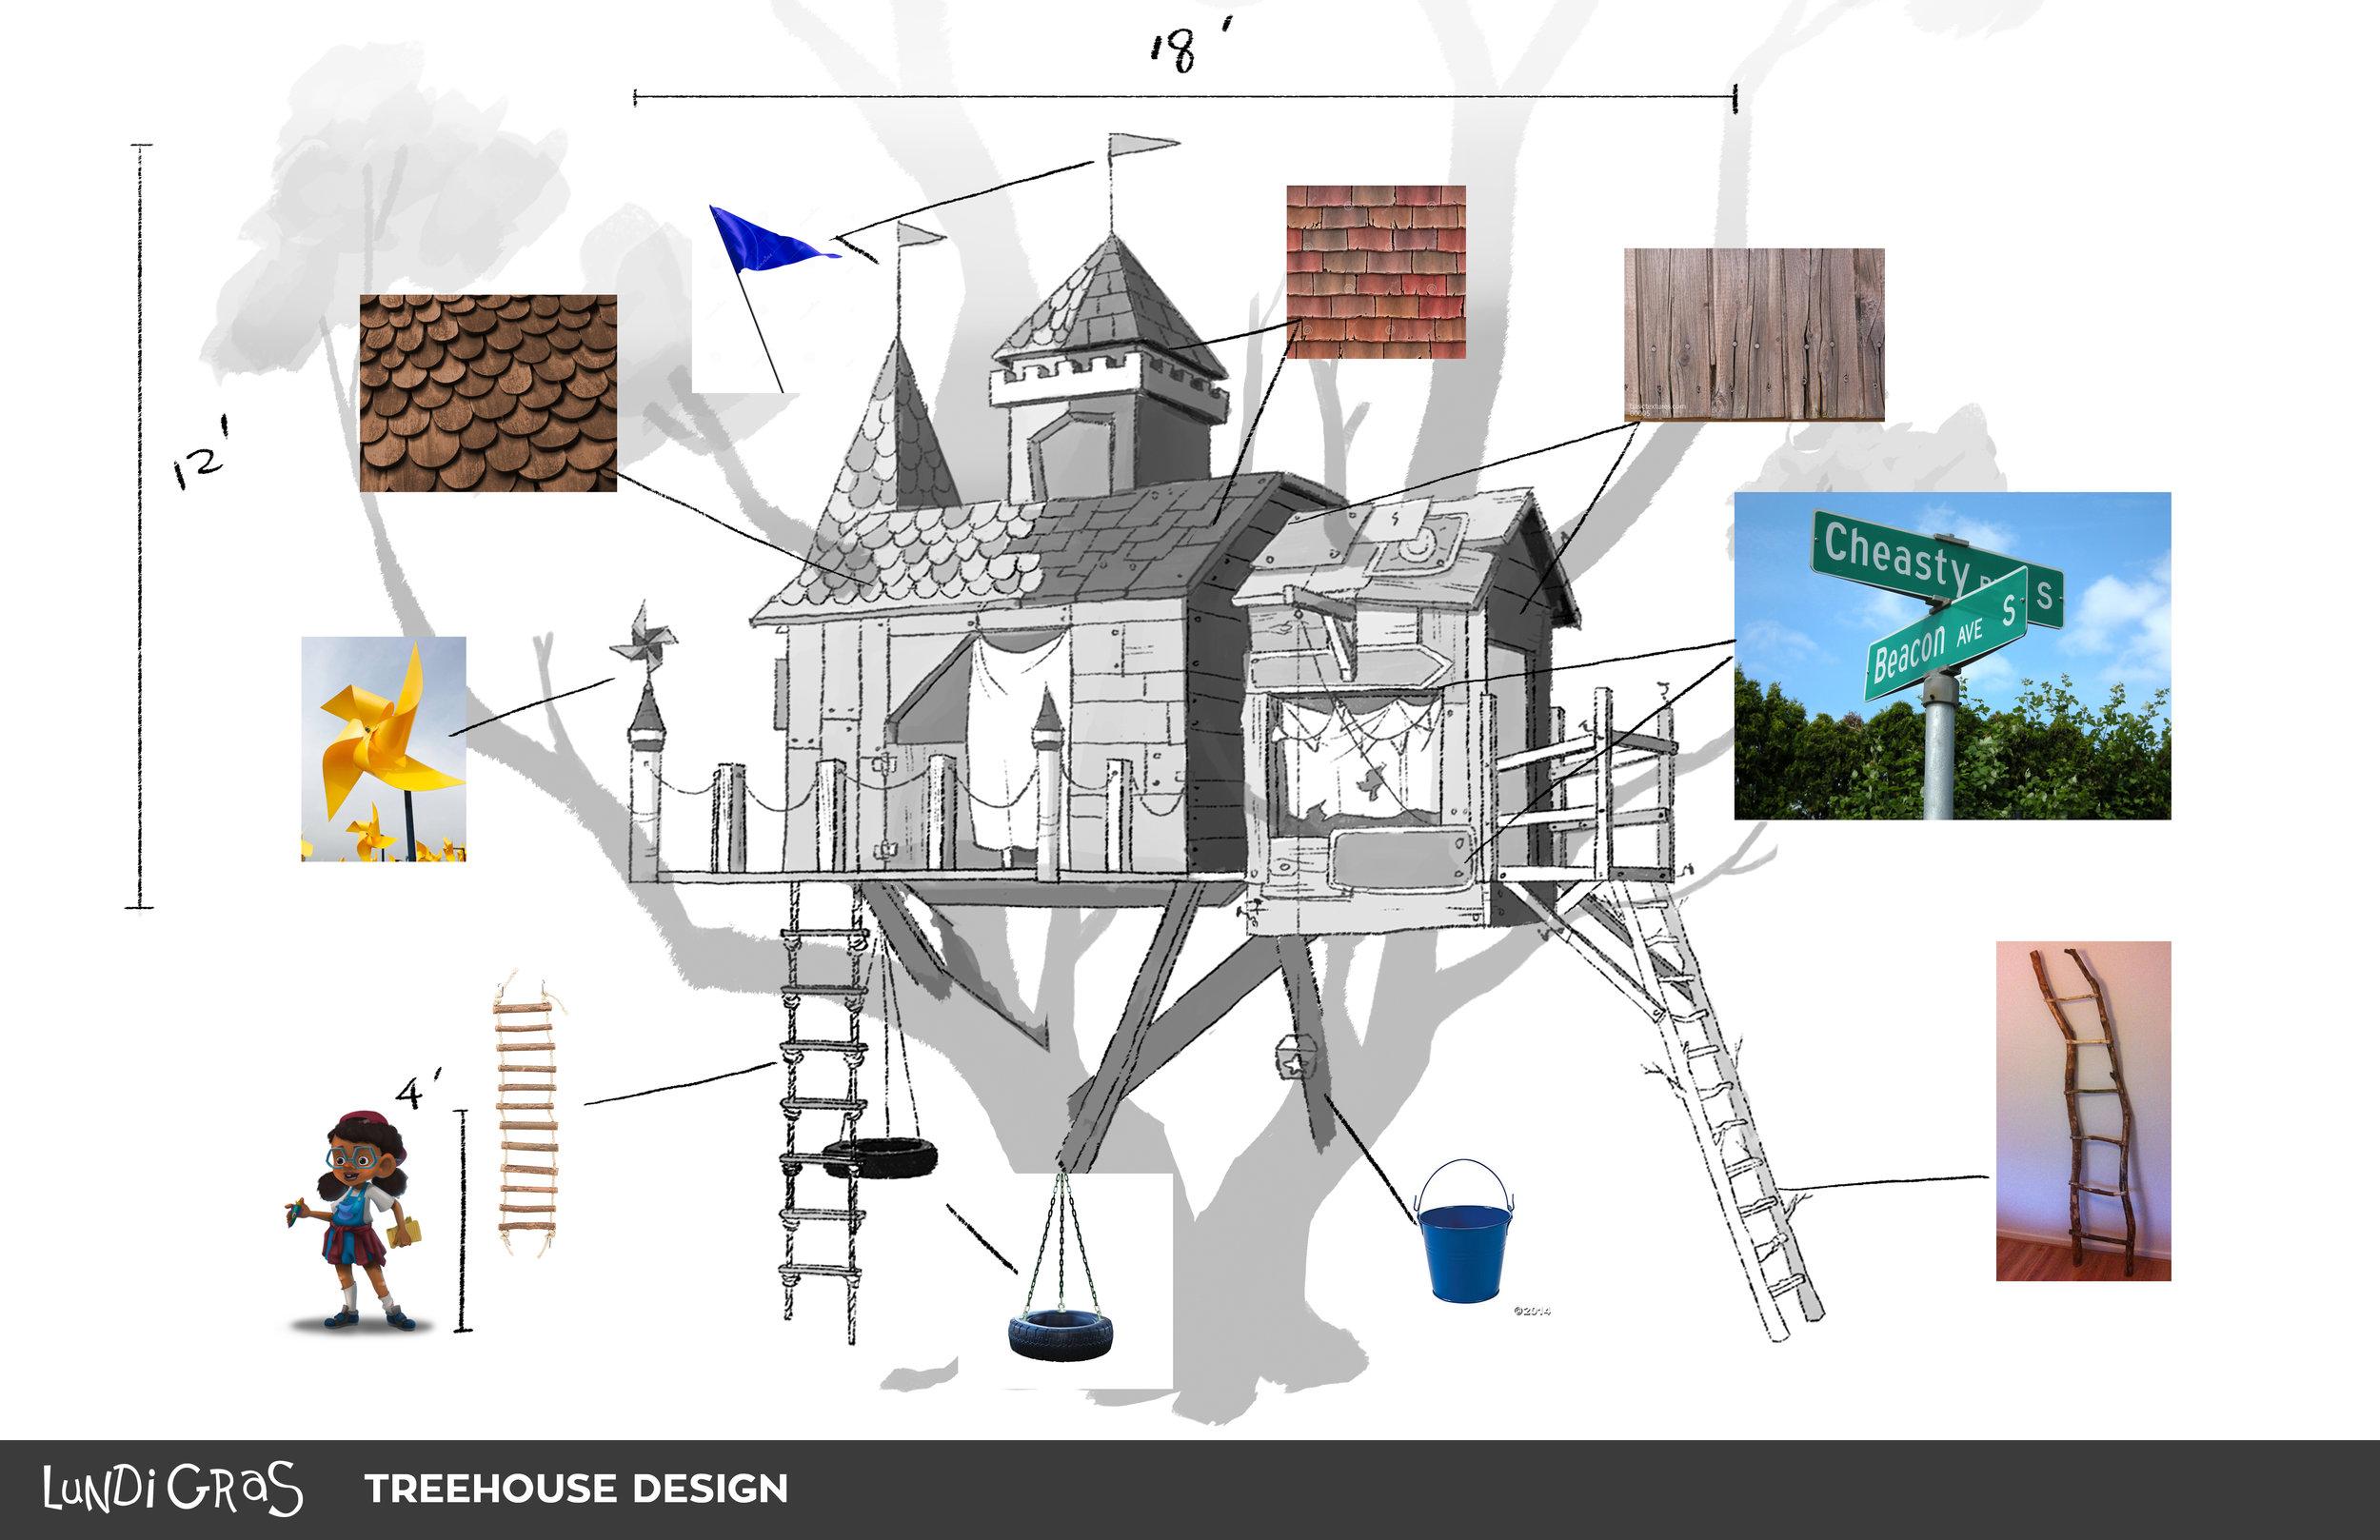 treehouse design.jpg